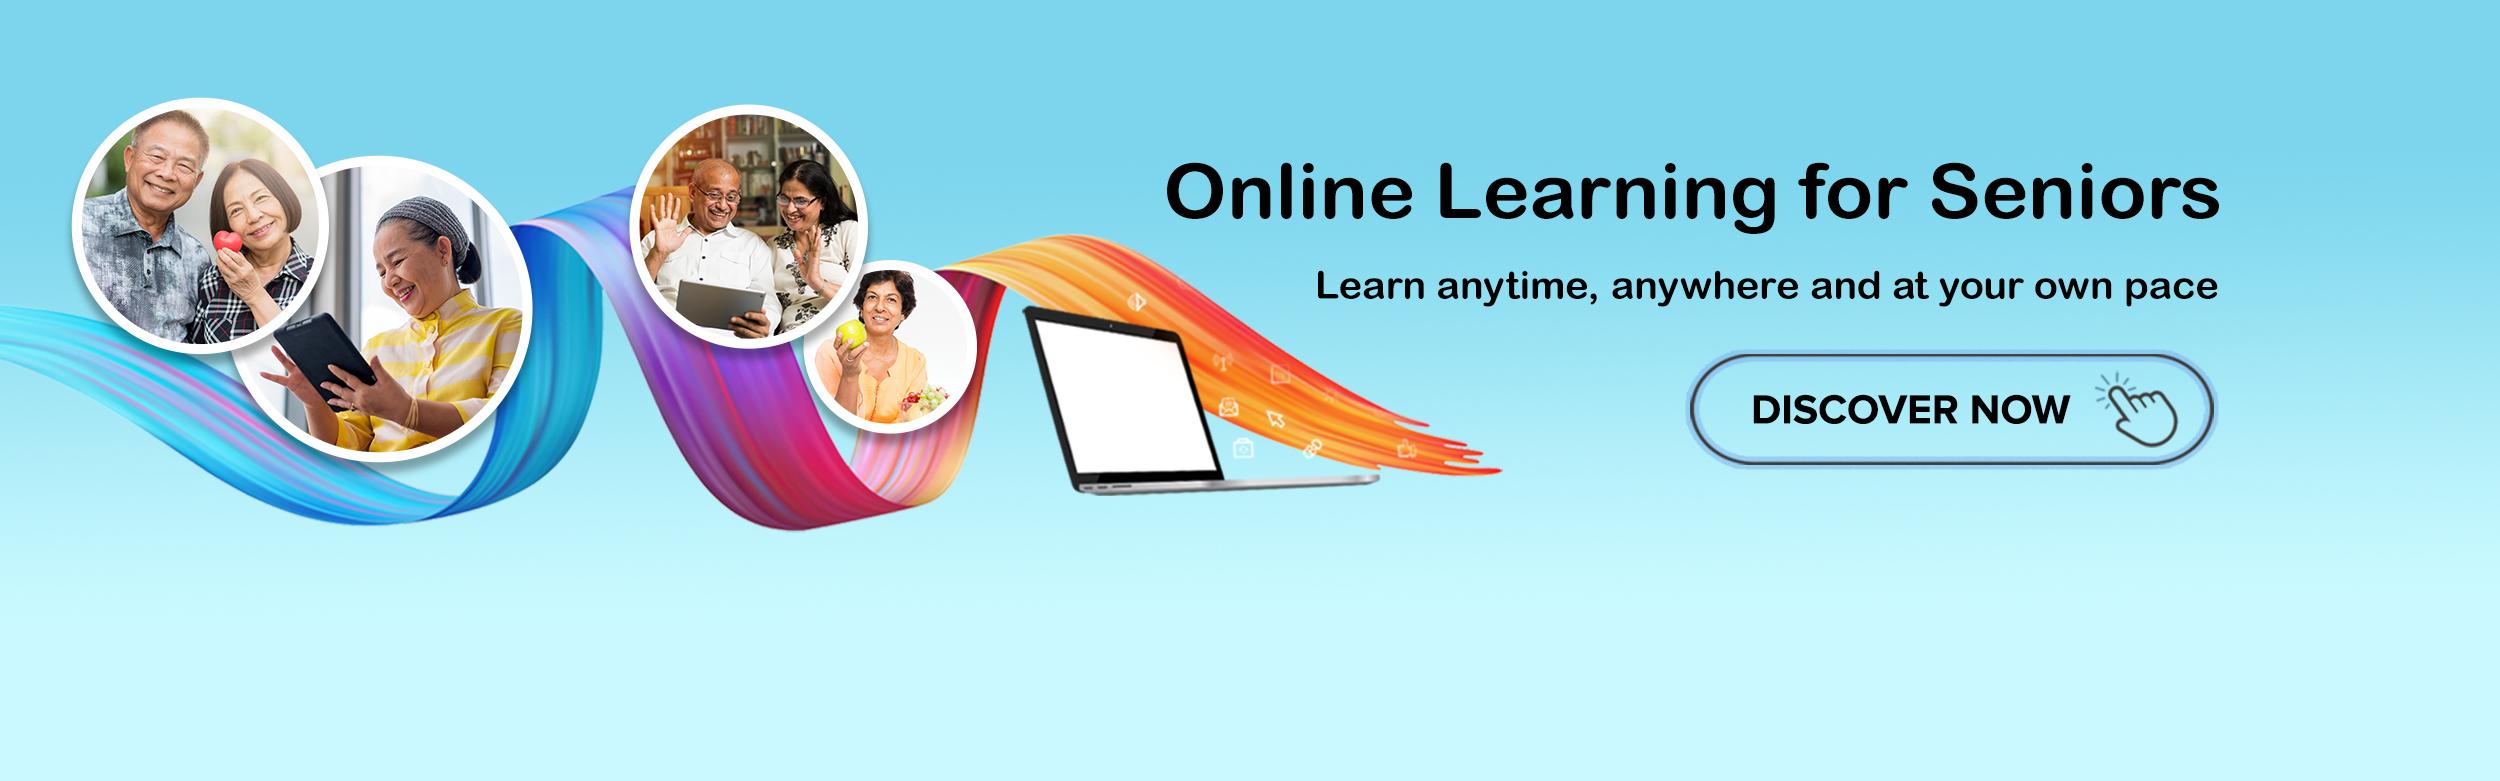 Online Learning for Seniors